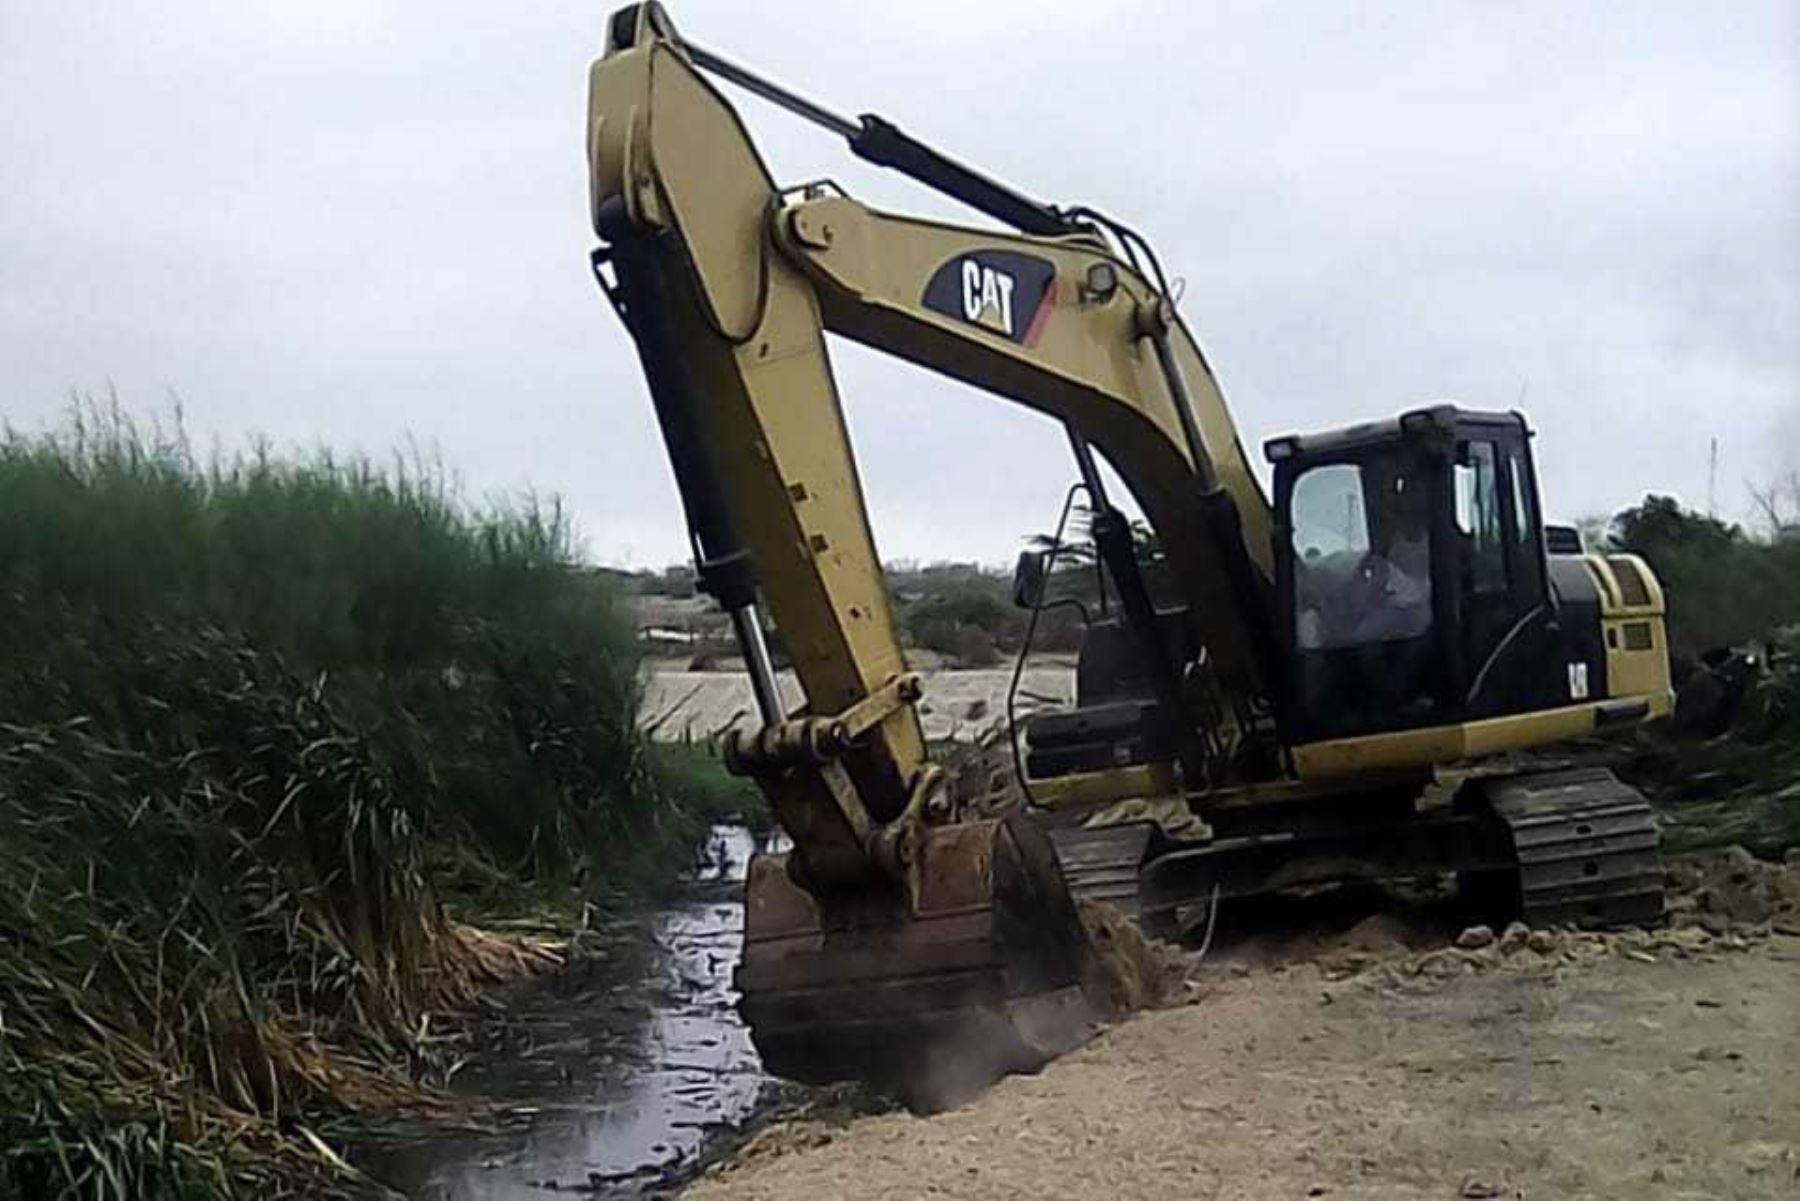 Minagri invertirá este año S/ 400 millones en 157 obras de reconstrucción, anunció el titular del sector, Gustavo Mostajo. ANDINA/Difusión